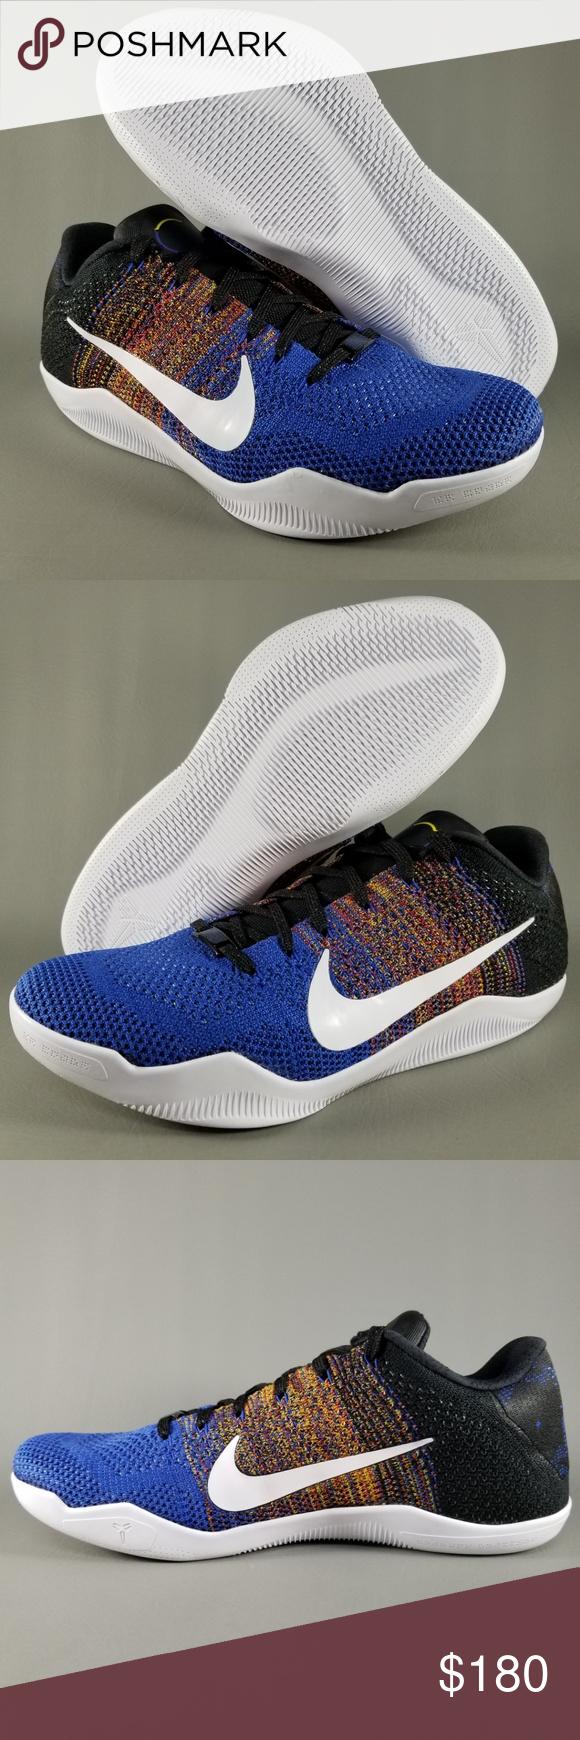 reputable site 4db81 31c3f Nike Kobe XI Elite Mens Basketball Shoes BHM SZ 10 Nike Kobe XI Elite Men s  Basketball